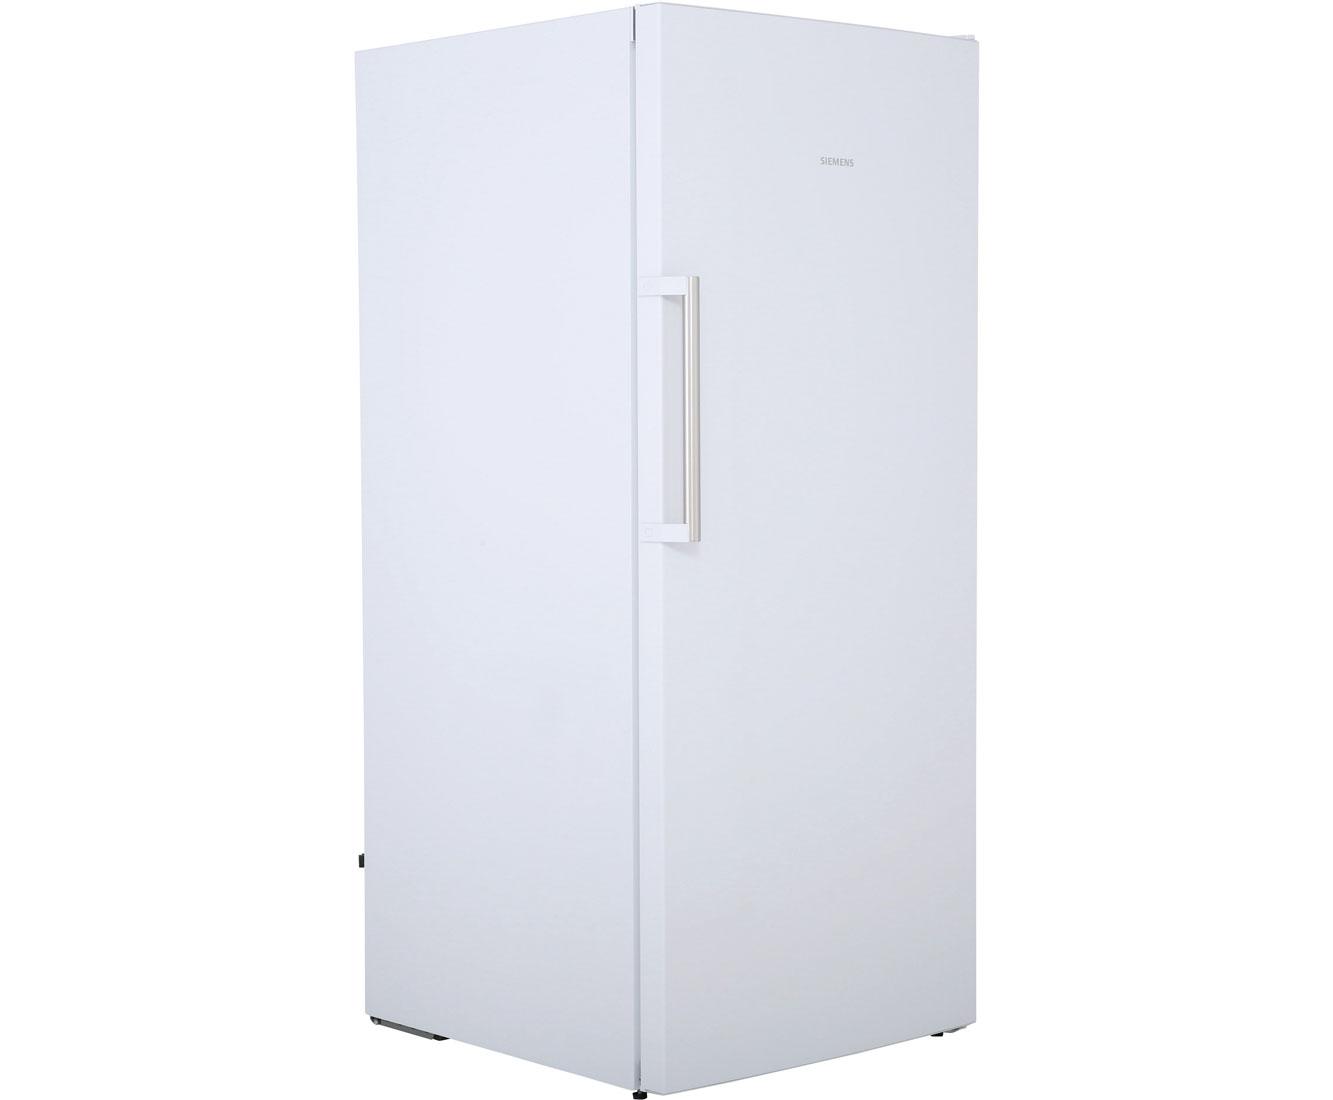 Siemens Kühlschrank Weiß : Siemens kühlschrank mit gefrierfach freistehend siemens mit